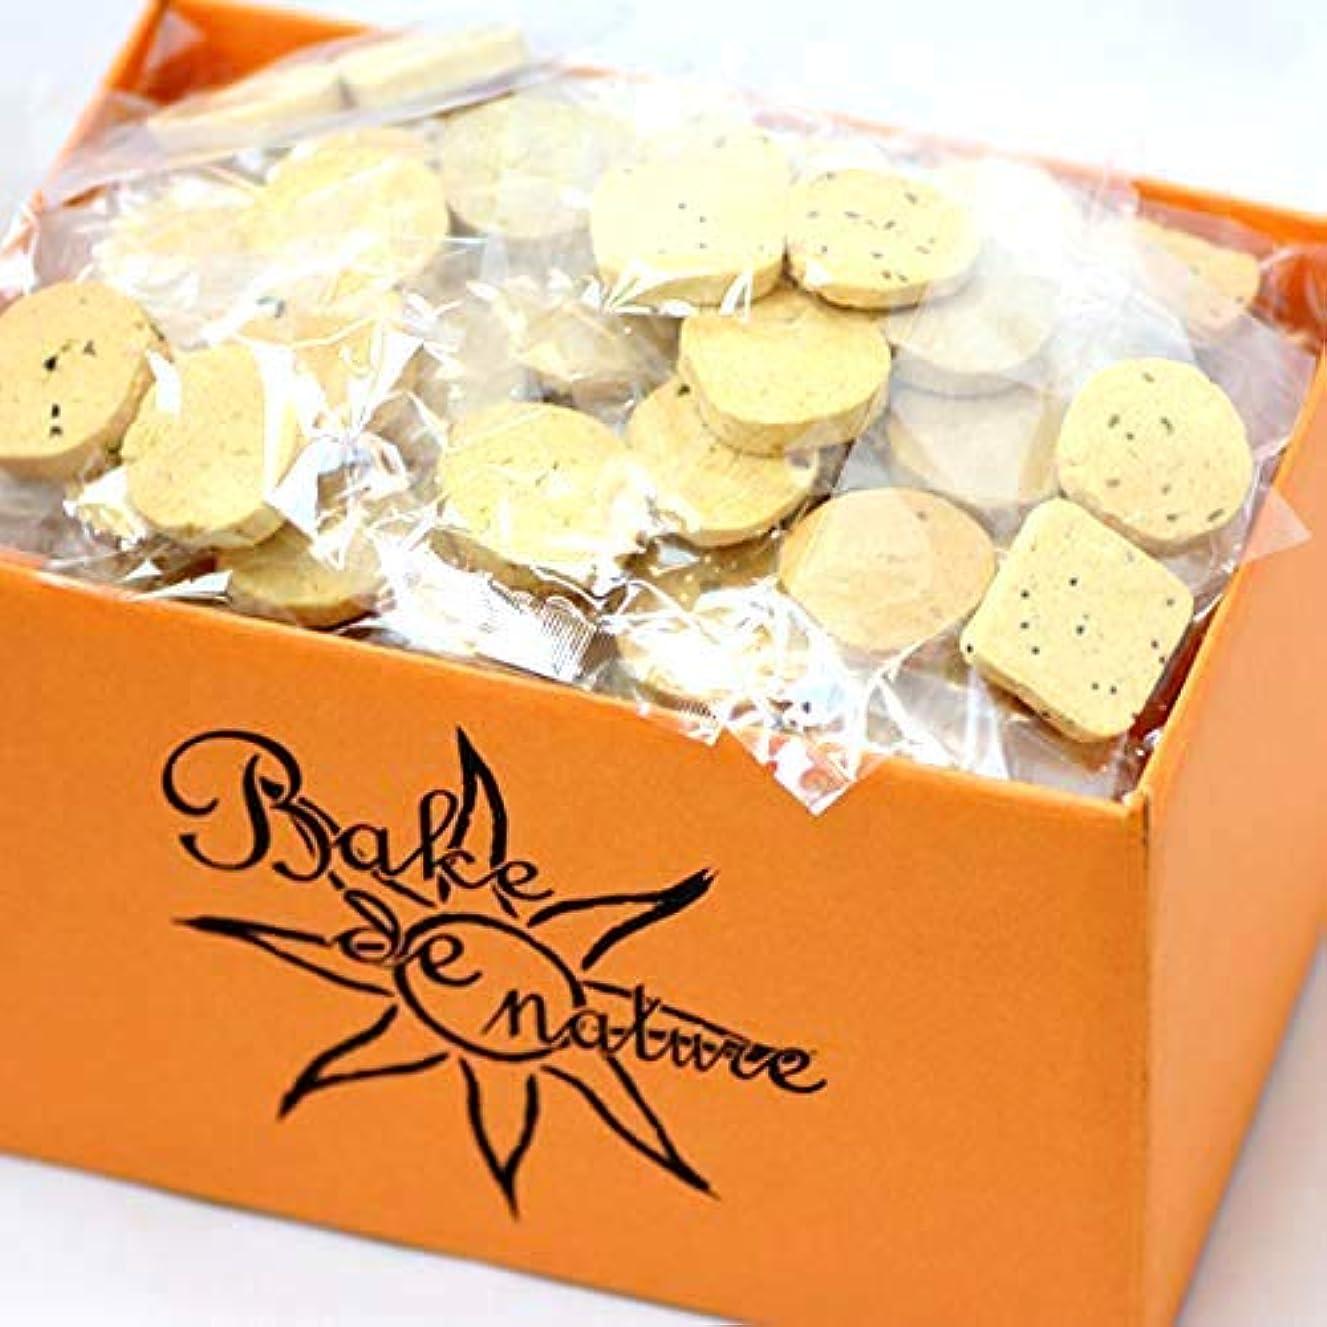 炎上シリーズ簡略化するスーパーフード豆乳おからクッキー (10種類MIX) 1袋 1kg (個包装) 小麦粉不使用のダイエットクッキー